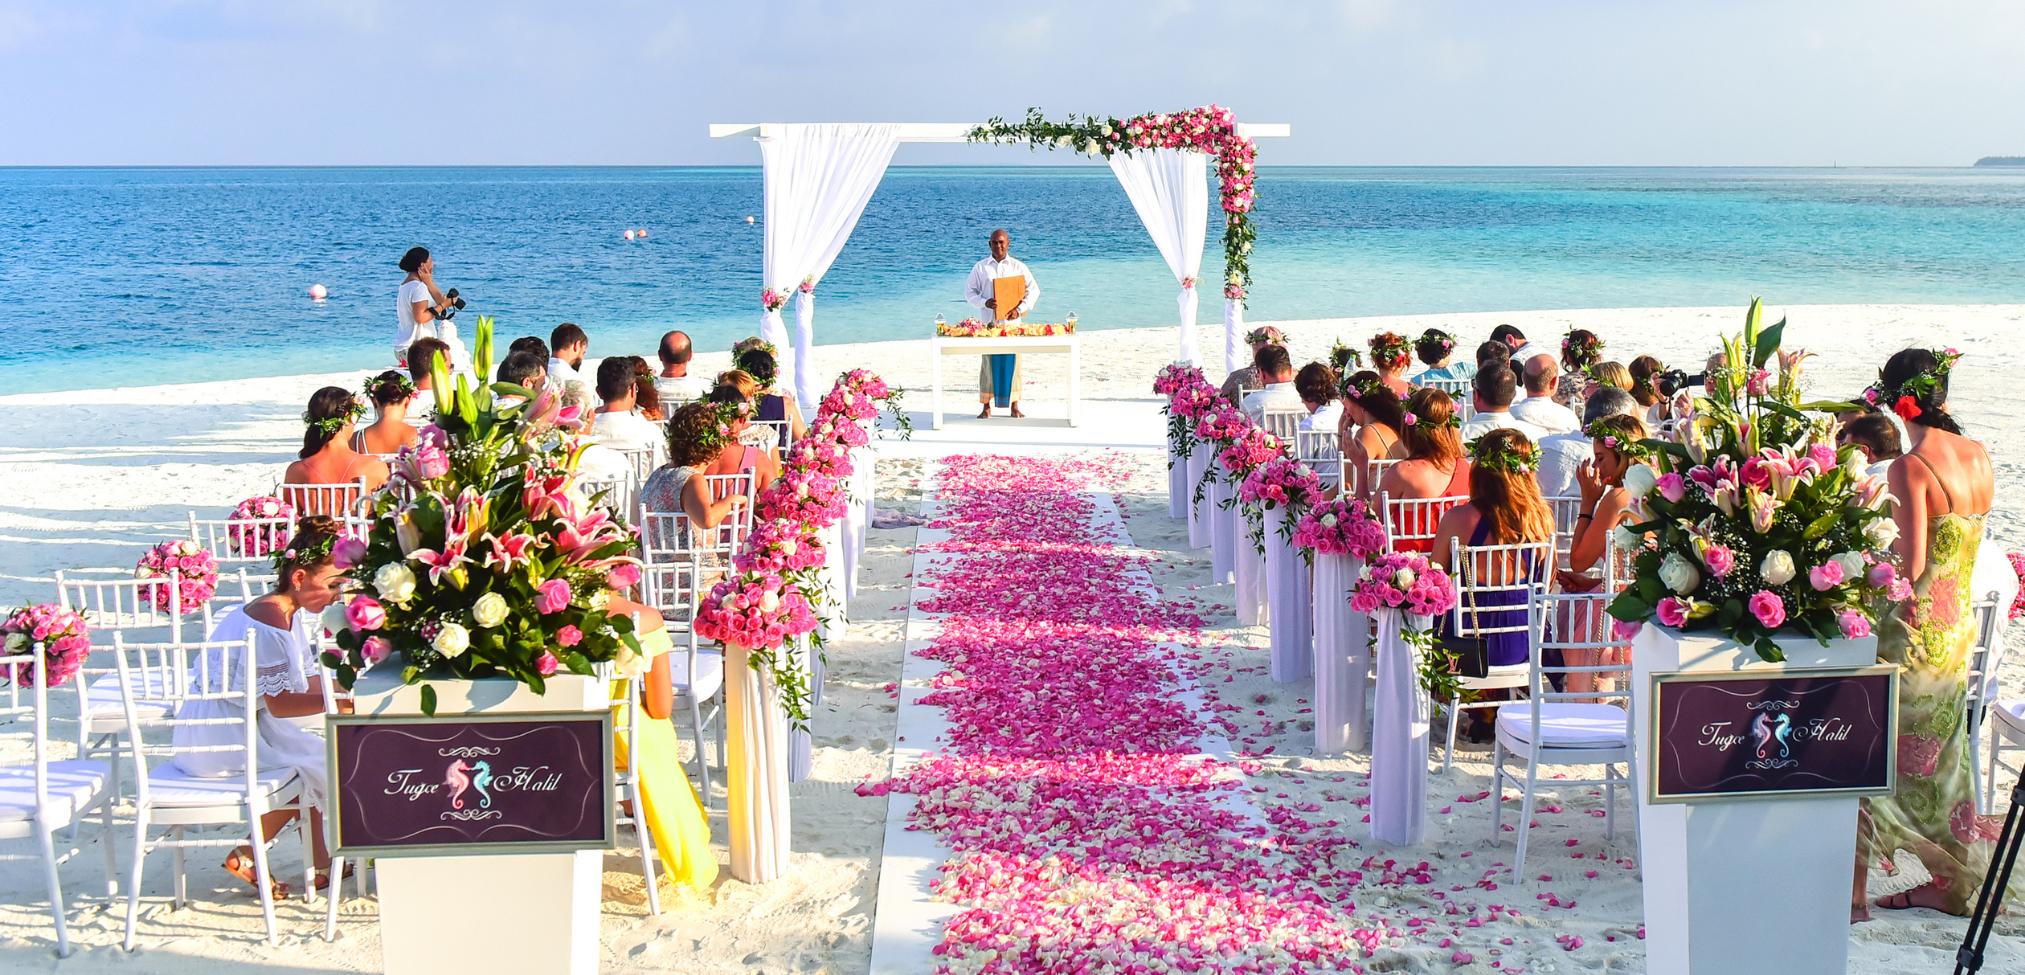 Traumhochzeit Mexiko Strand Heiraten Karibik